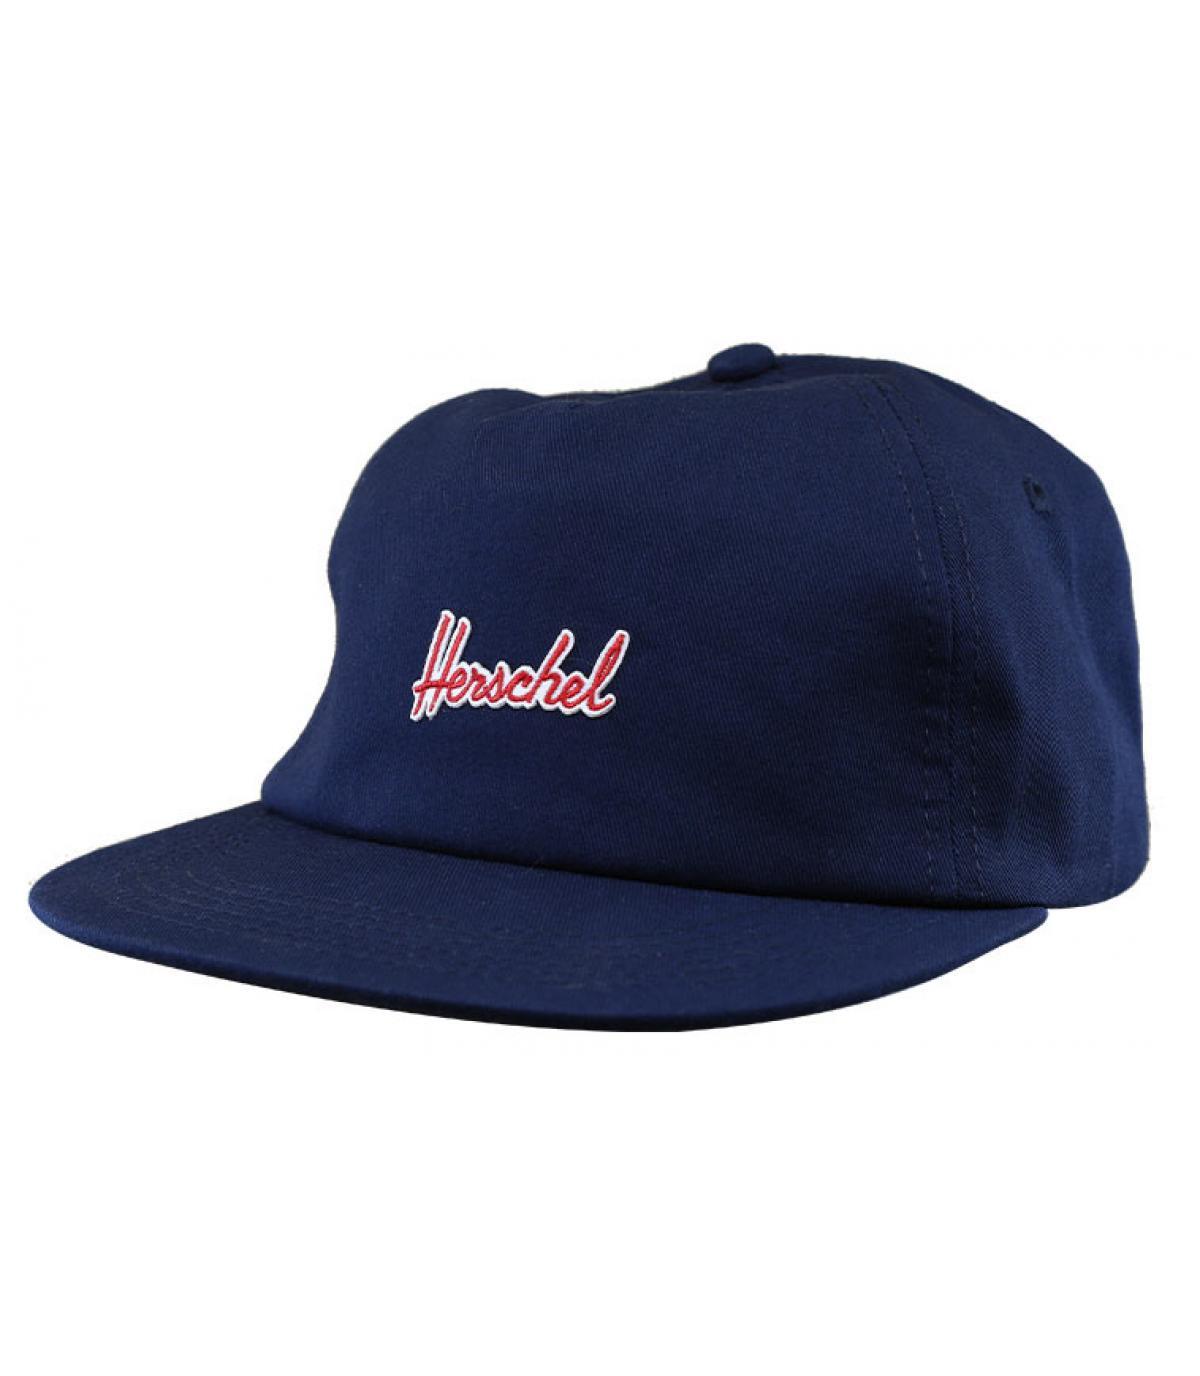 navy blue Herschel cap